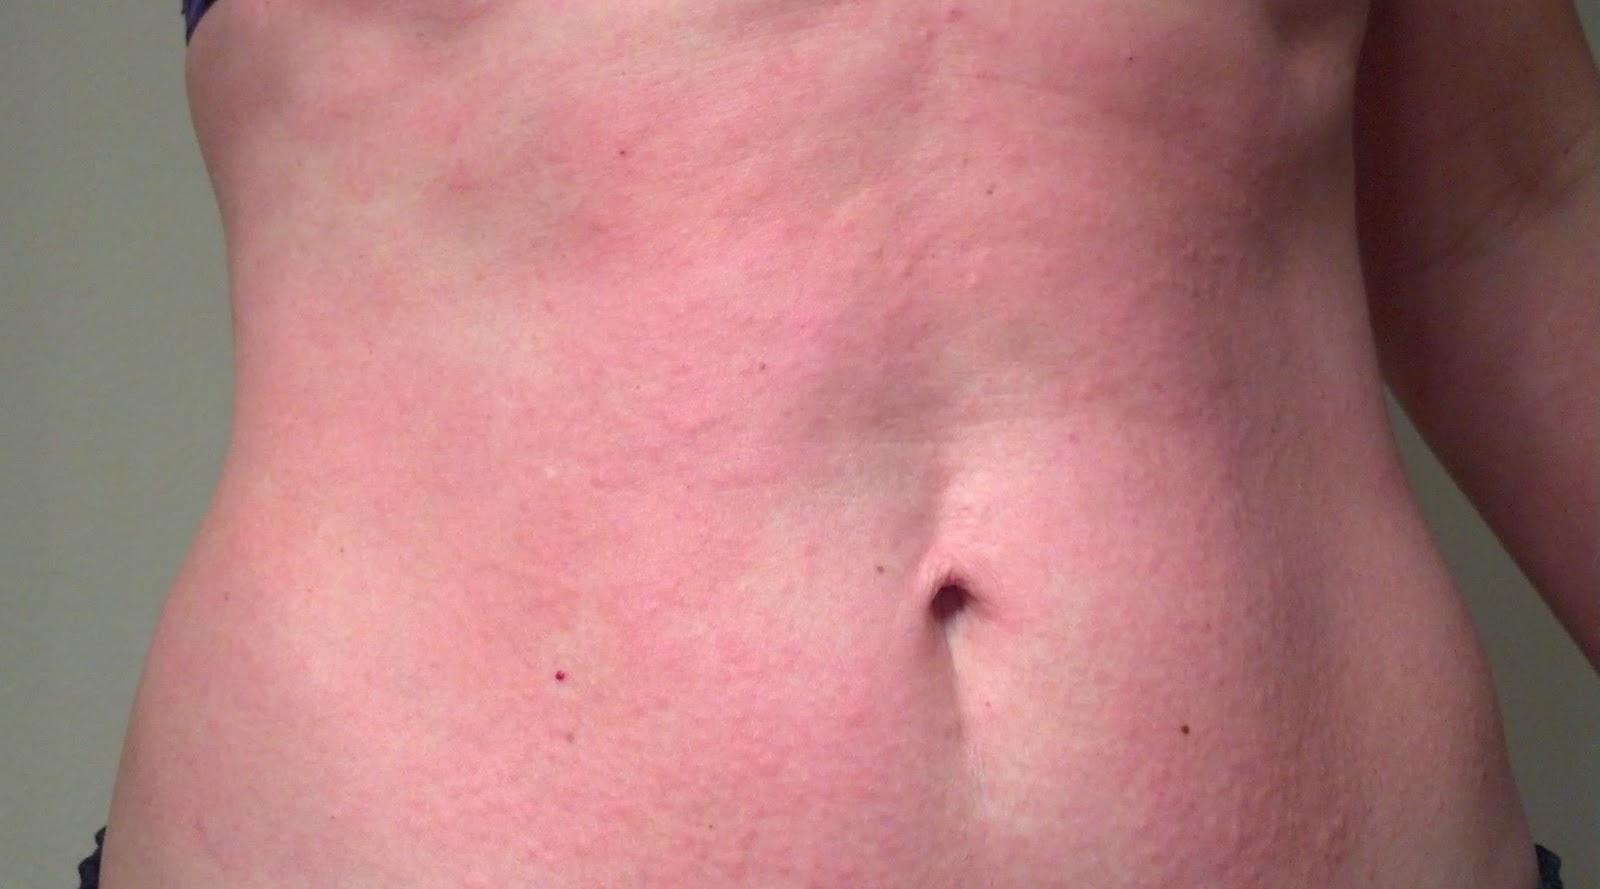 Đôi khi gặp phải trường hợp dị ứng trên da